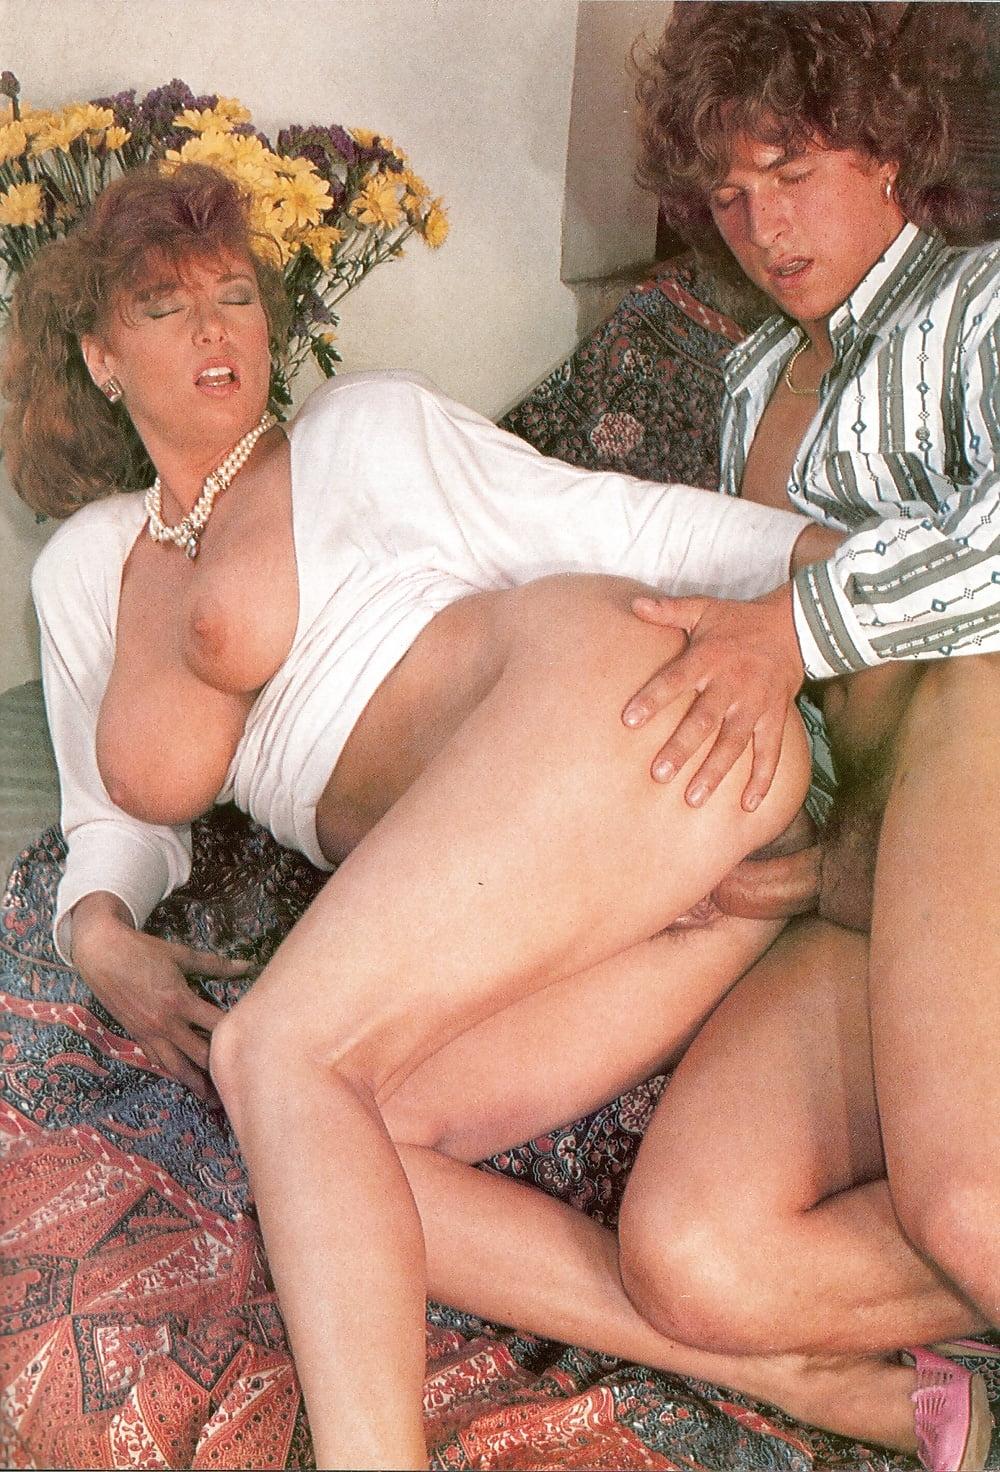 porno-foto-porno-debbi-lyubyat-vse-pizda-foto-seks